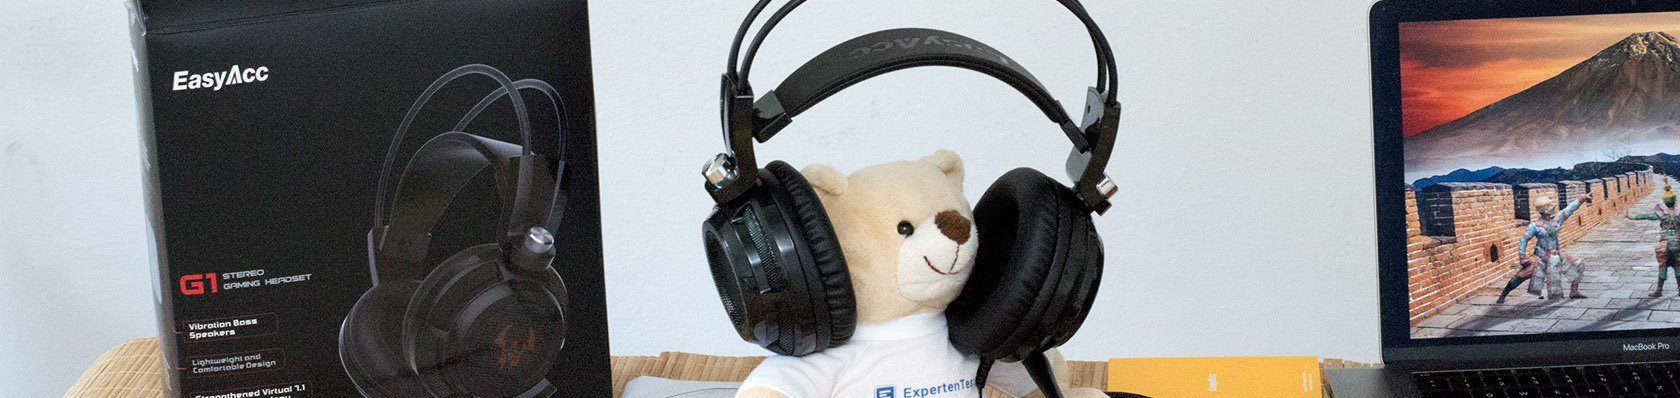 Headphone im Test auf ExpertenTesten.de